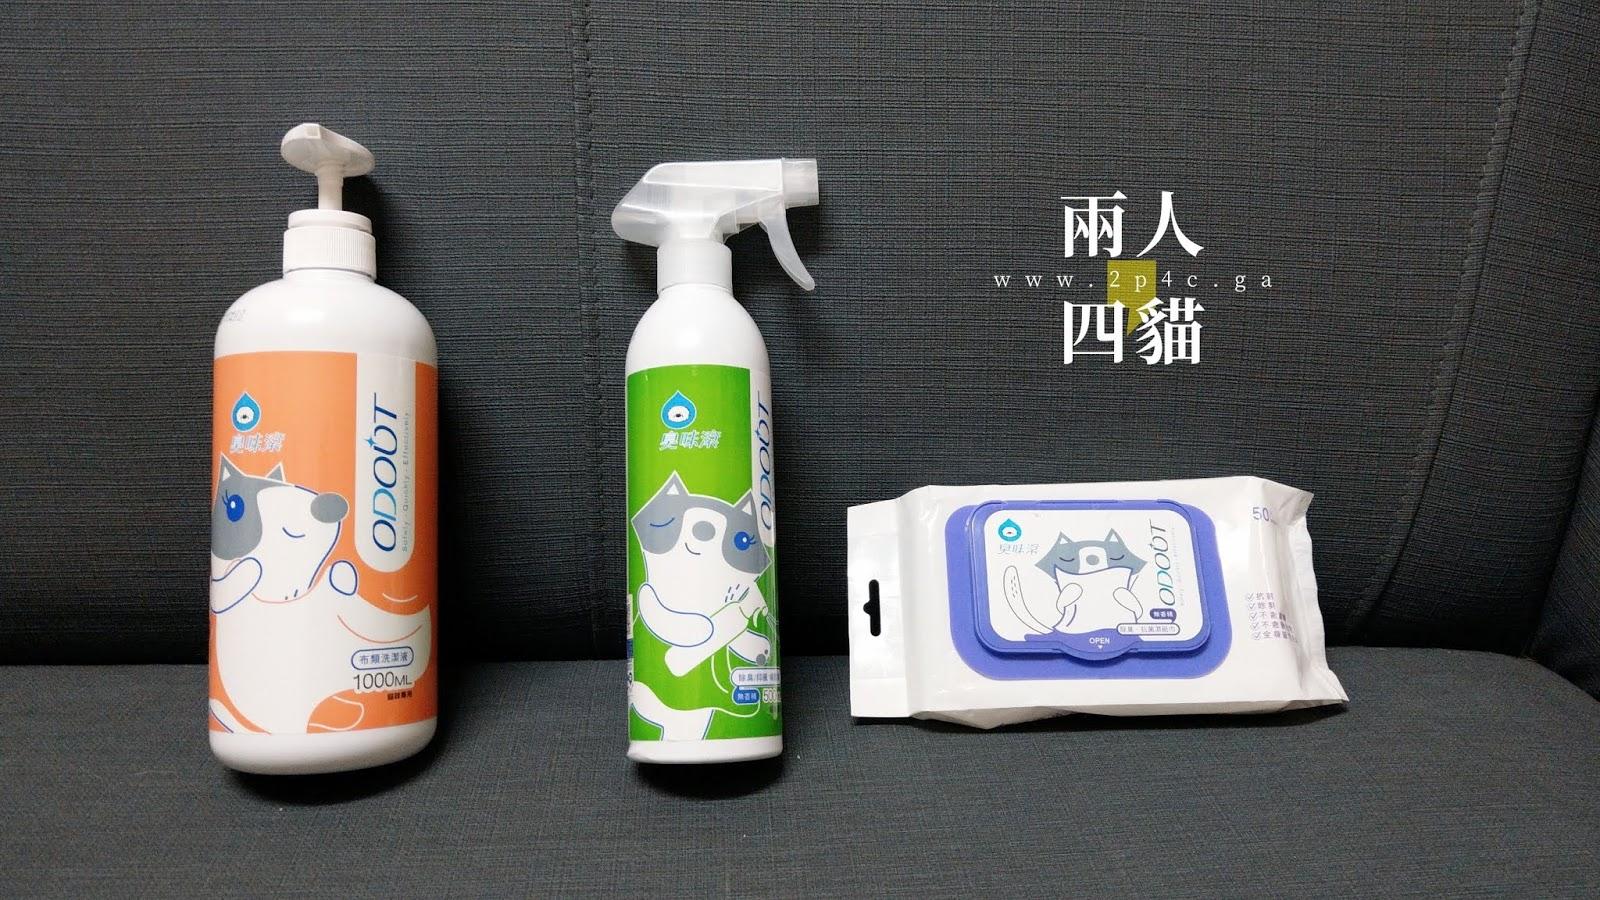 【貓咪|雜物】養貓咪的三個大困擾!MIT台灣品牌【臭味滾】幫您搞定 貓咪尿床洗滌、貓咪除臭噴霧、貓咪濕紙巾